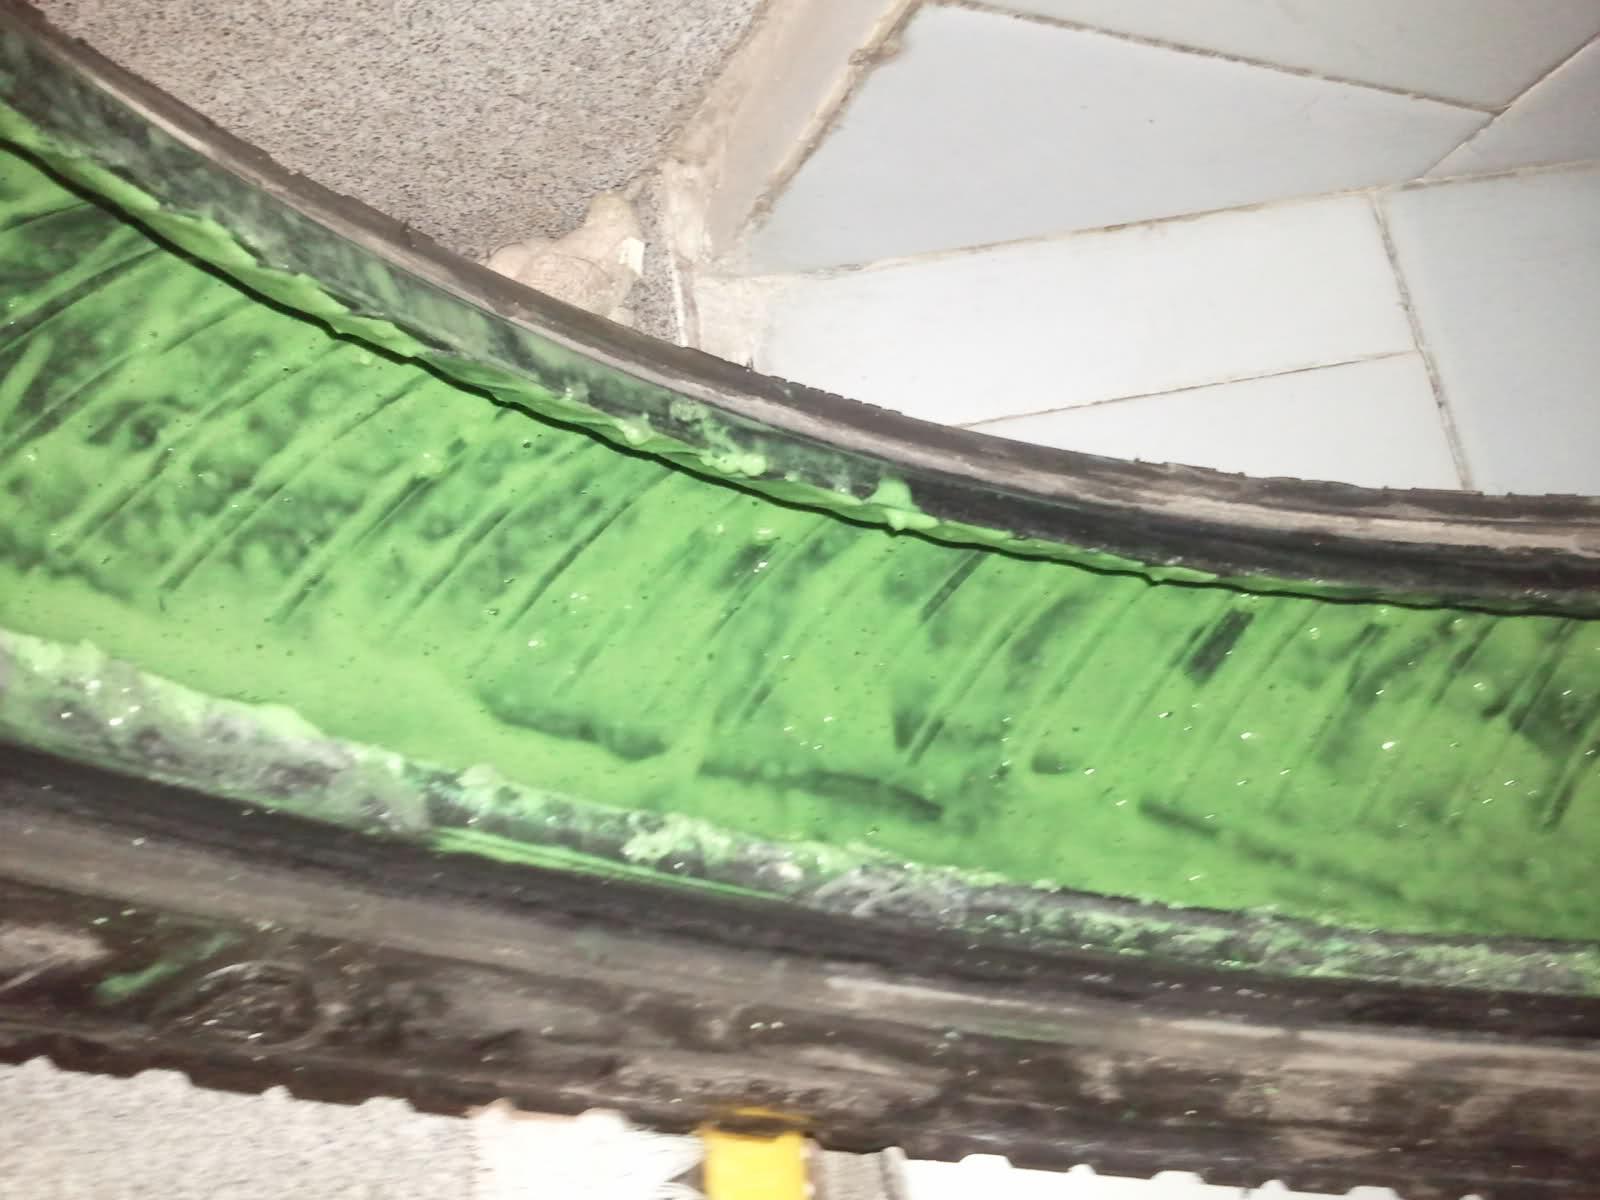 Slime en una cubierta con 15mil kms 2ev81nq